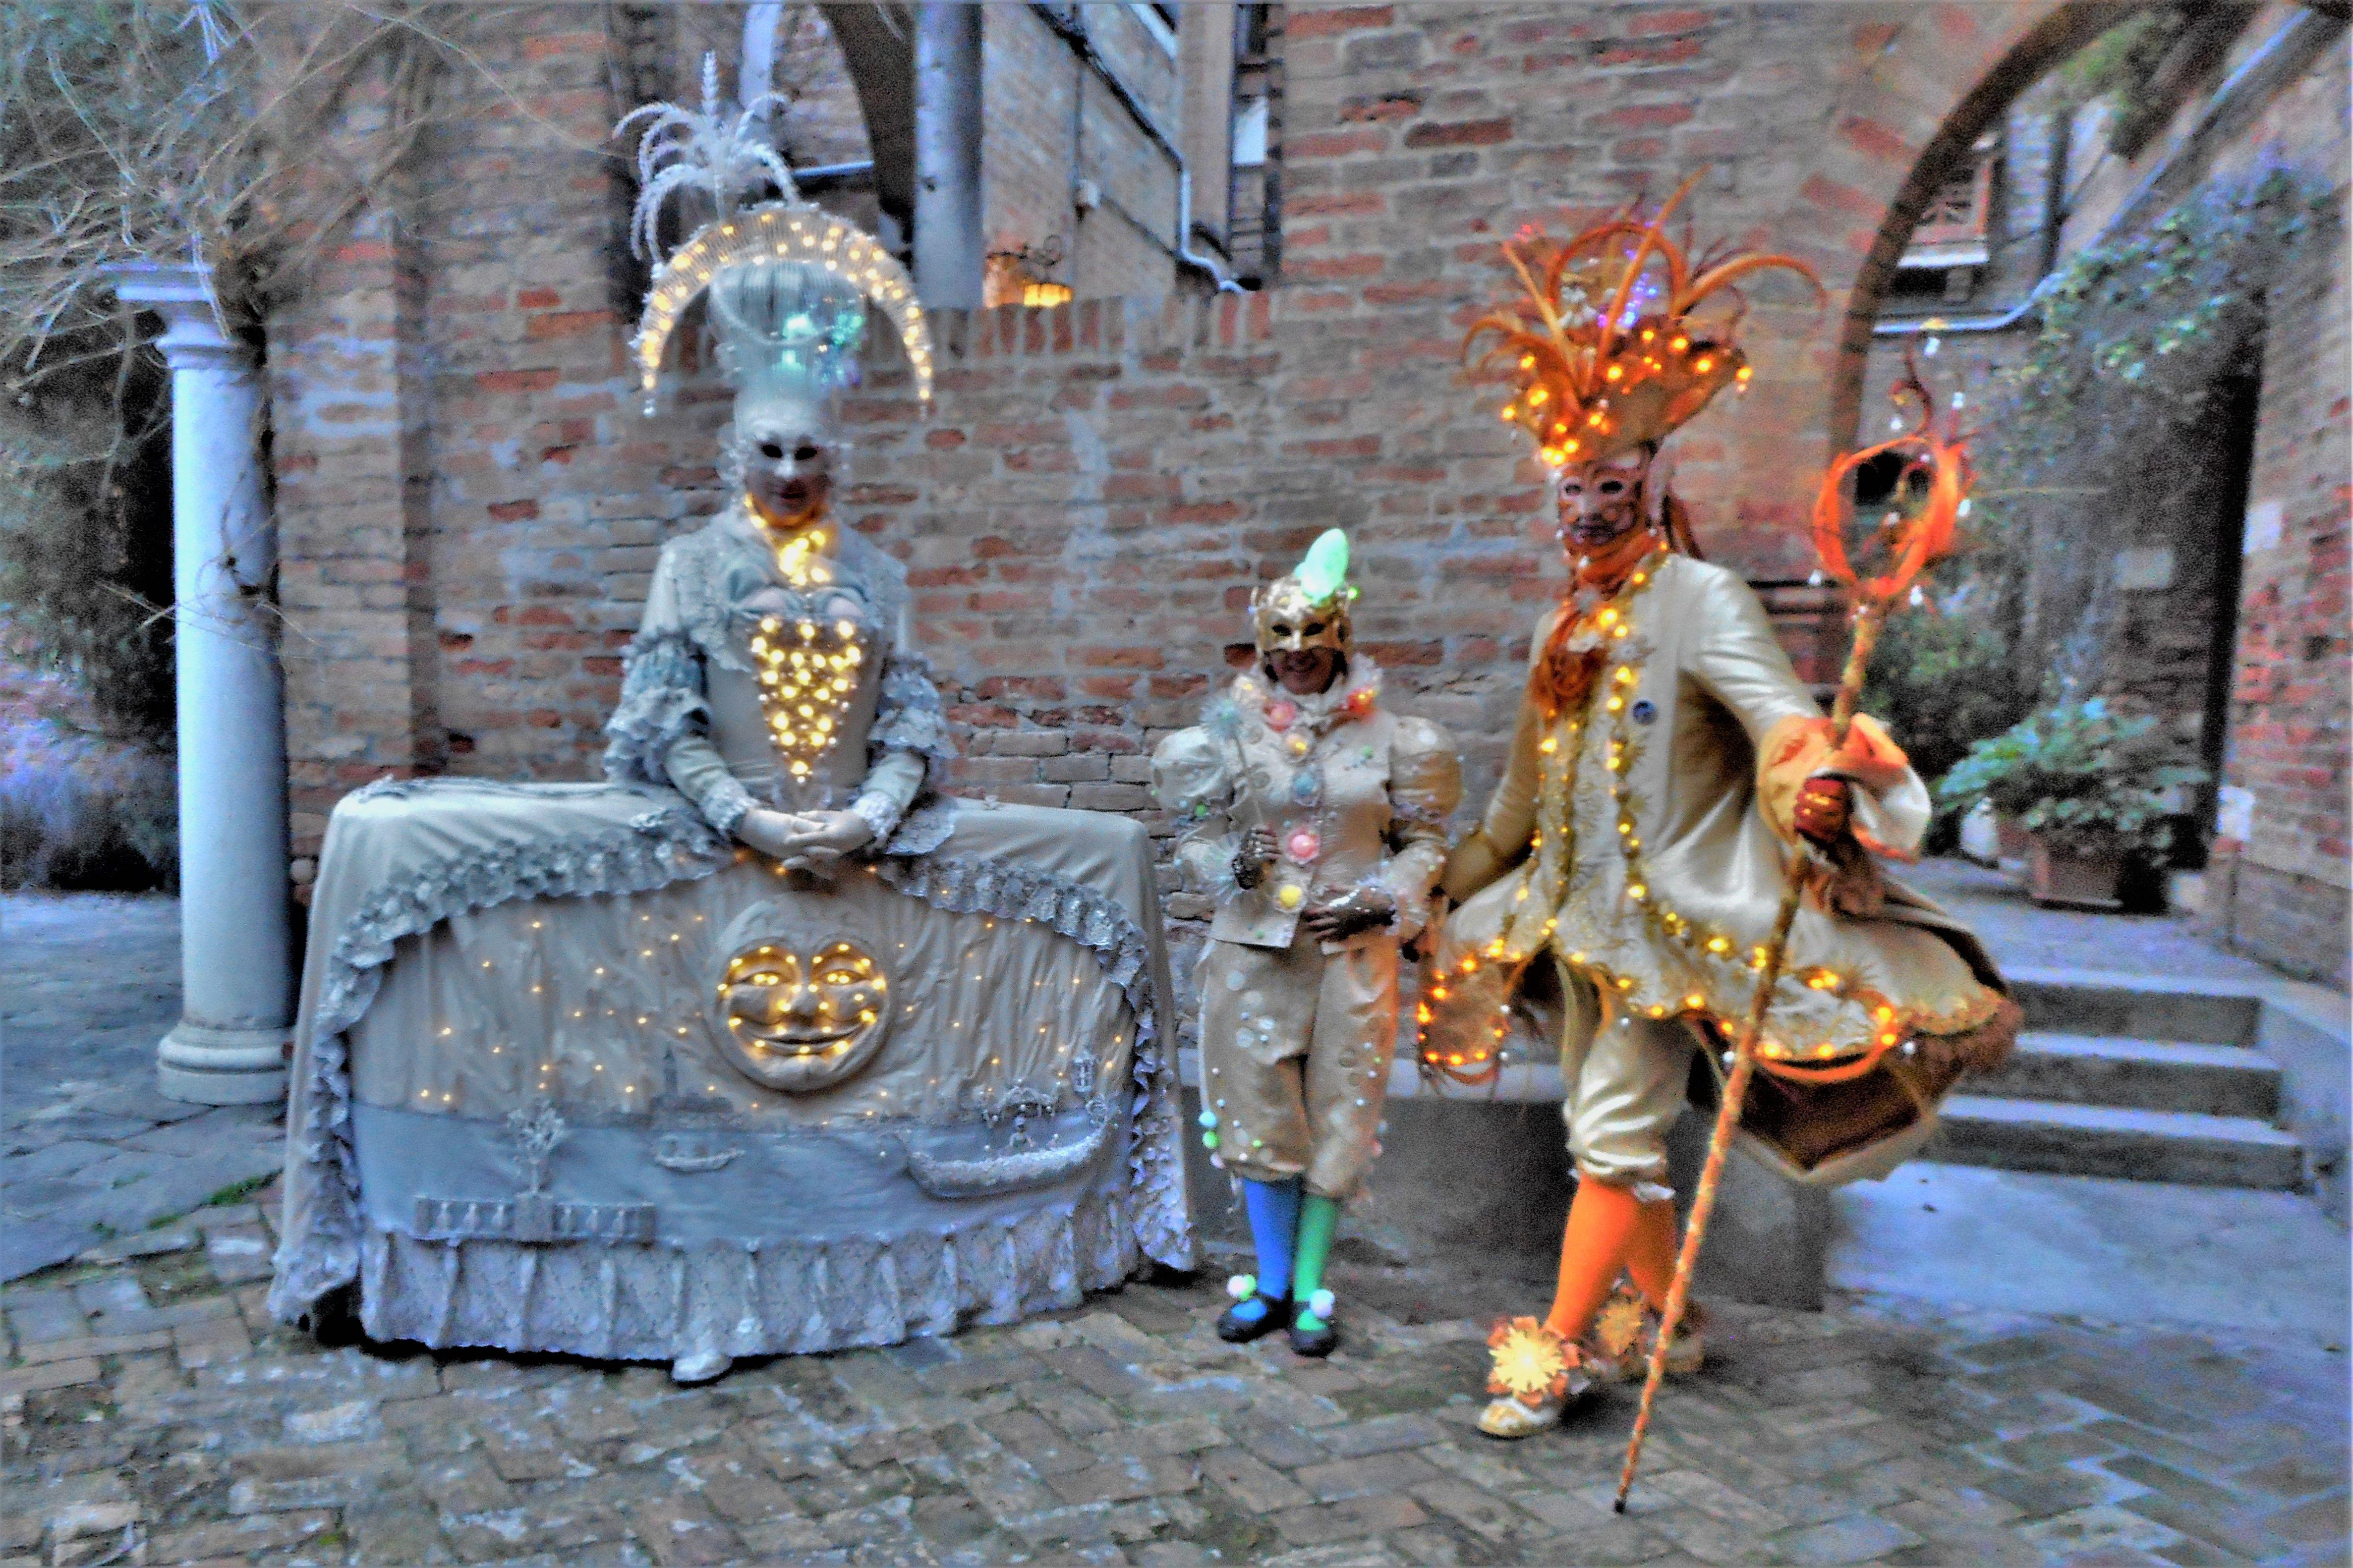 I bambini della luce, the children of light- Carnevale di Venezia